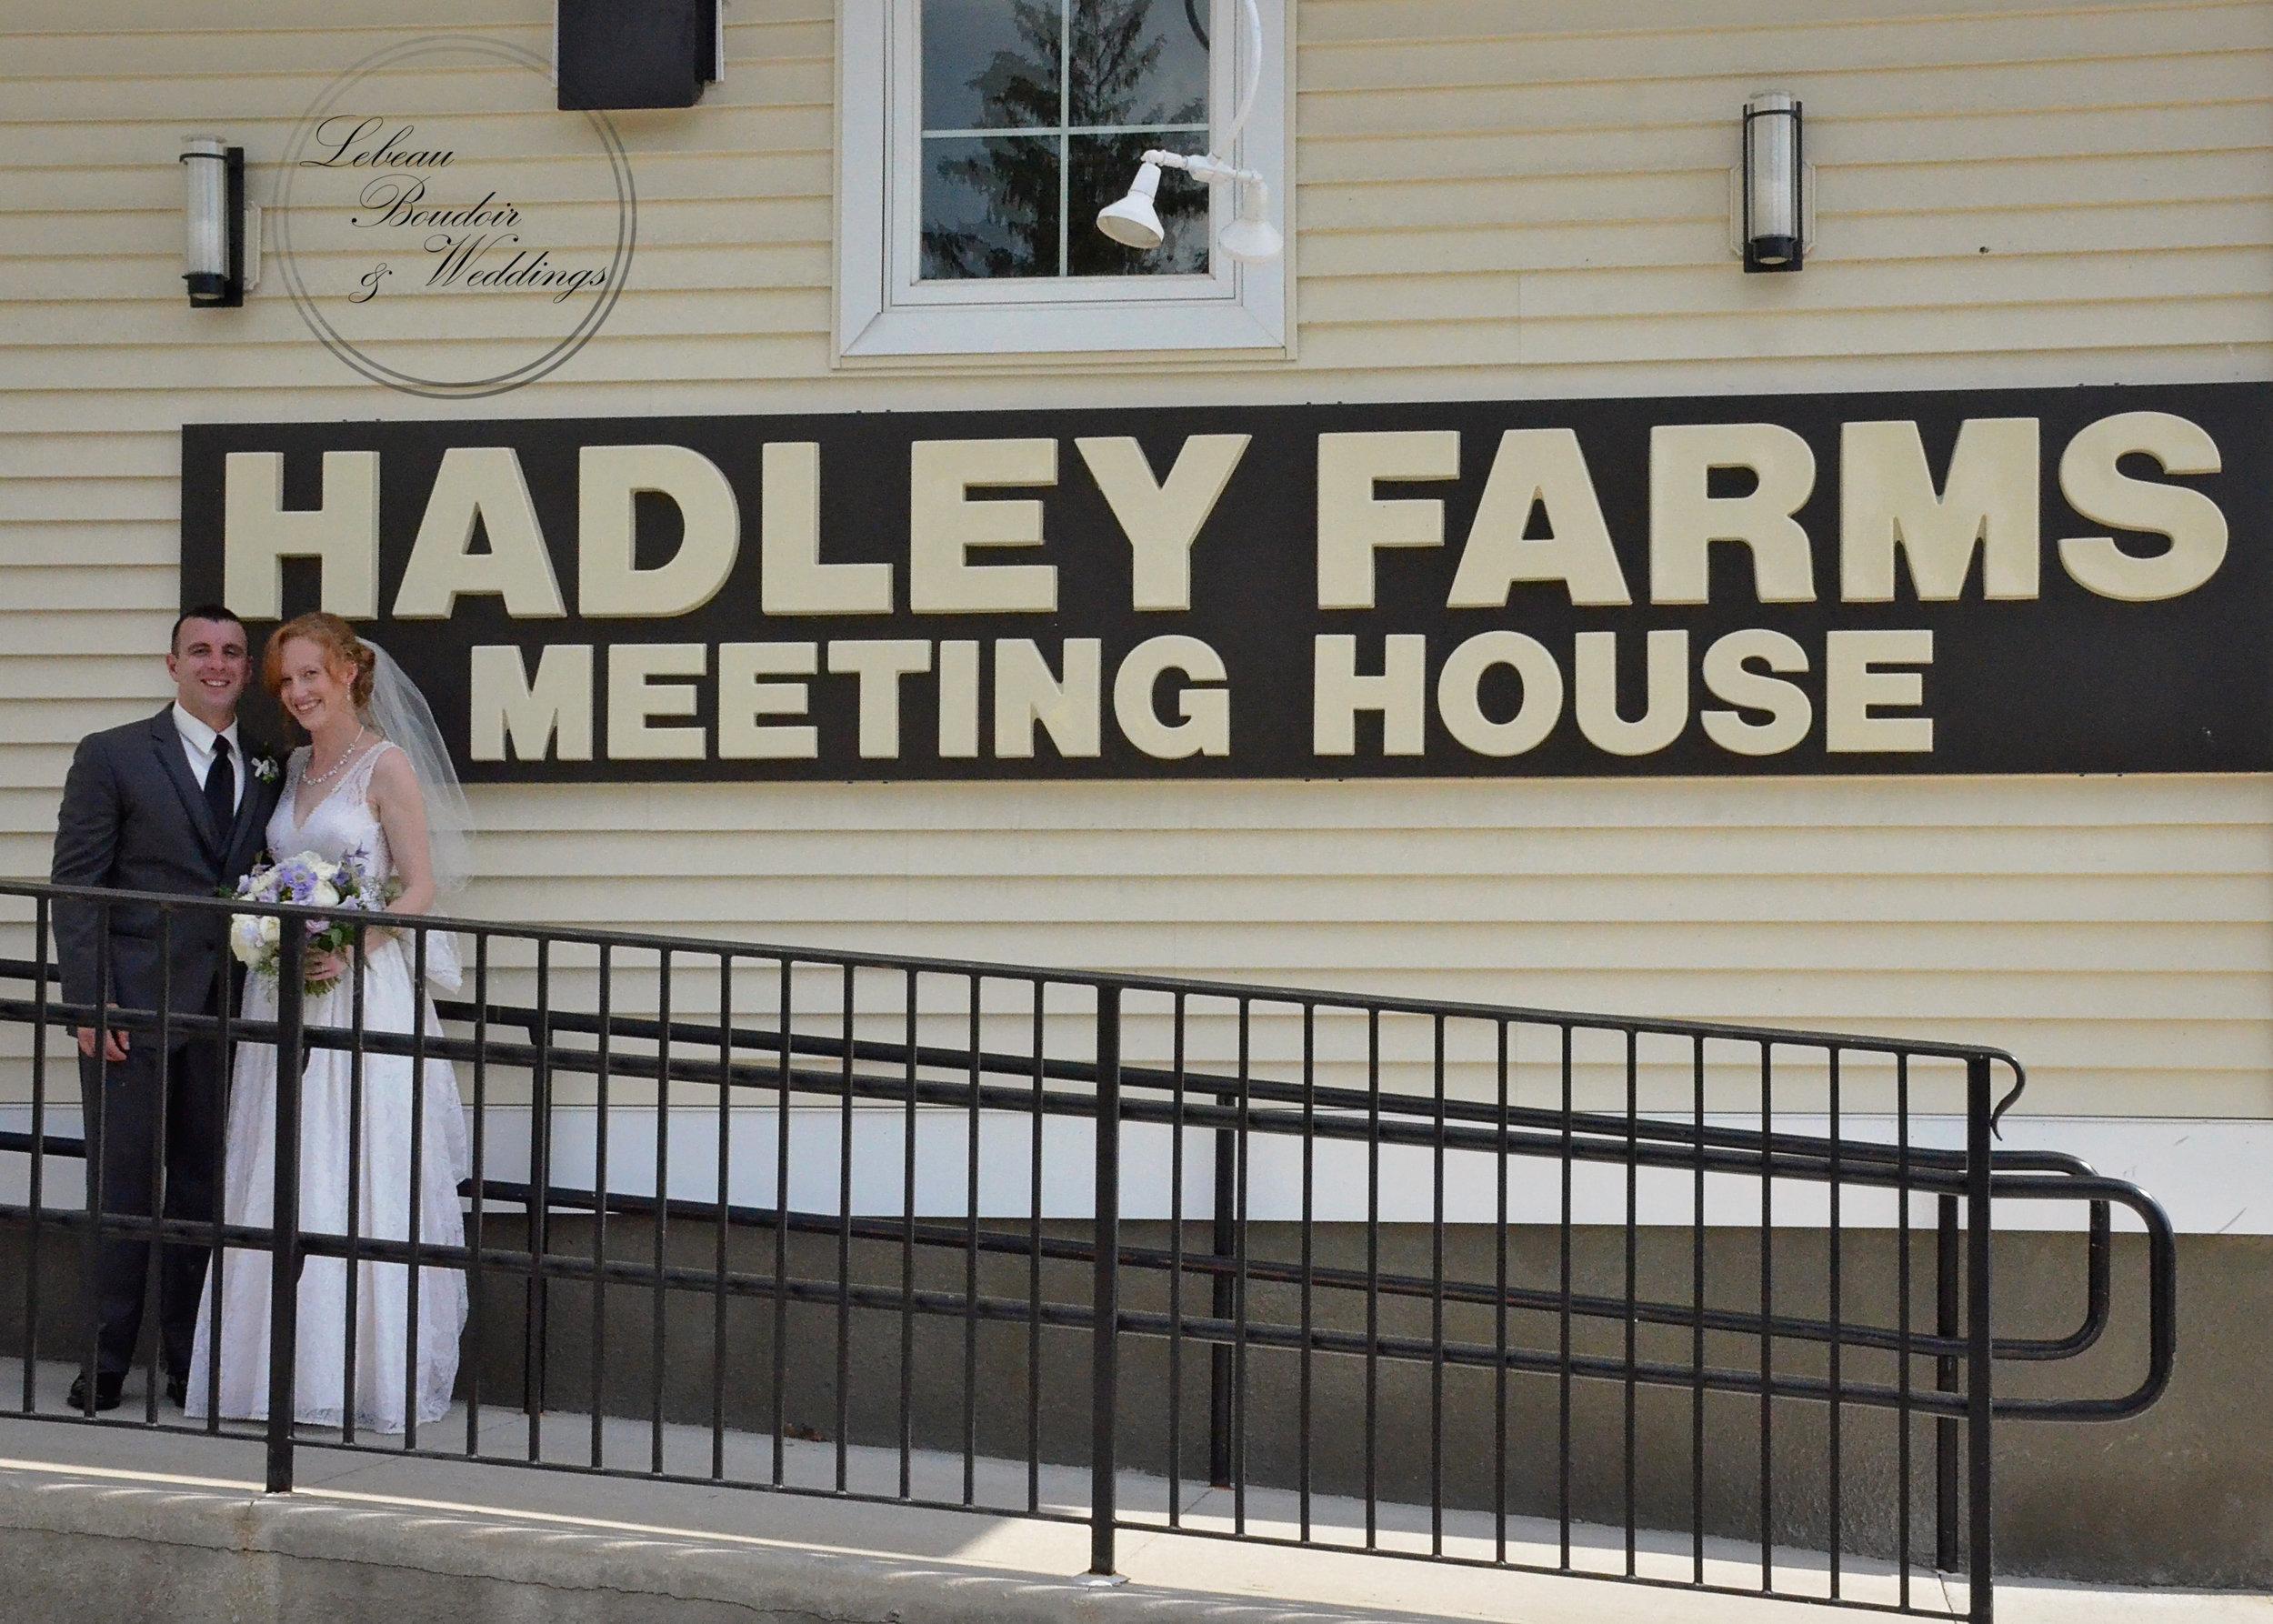 Hadley Farms Sign, Hadley MA